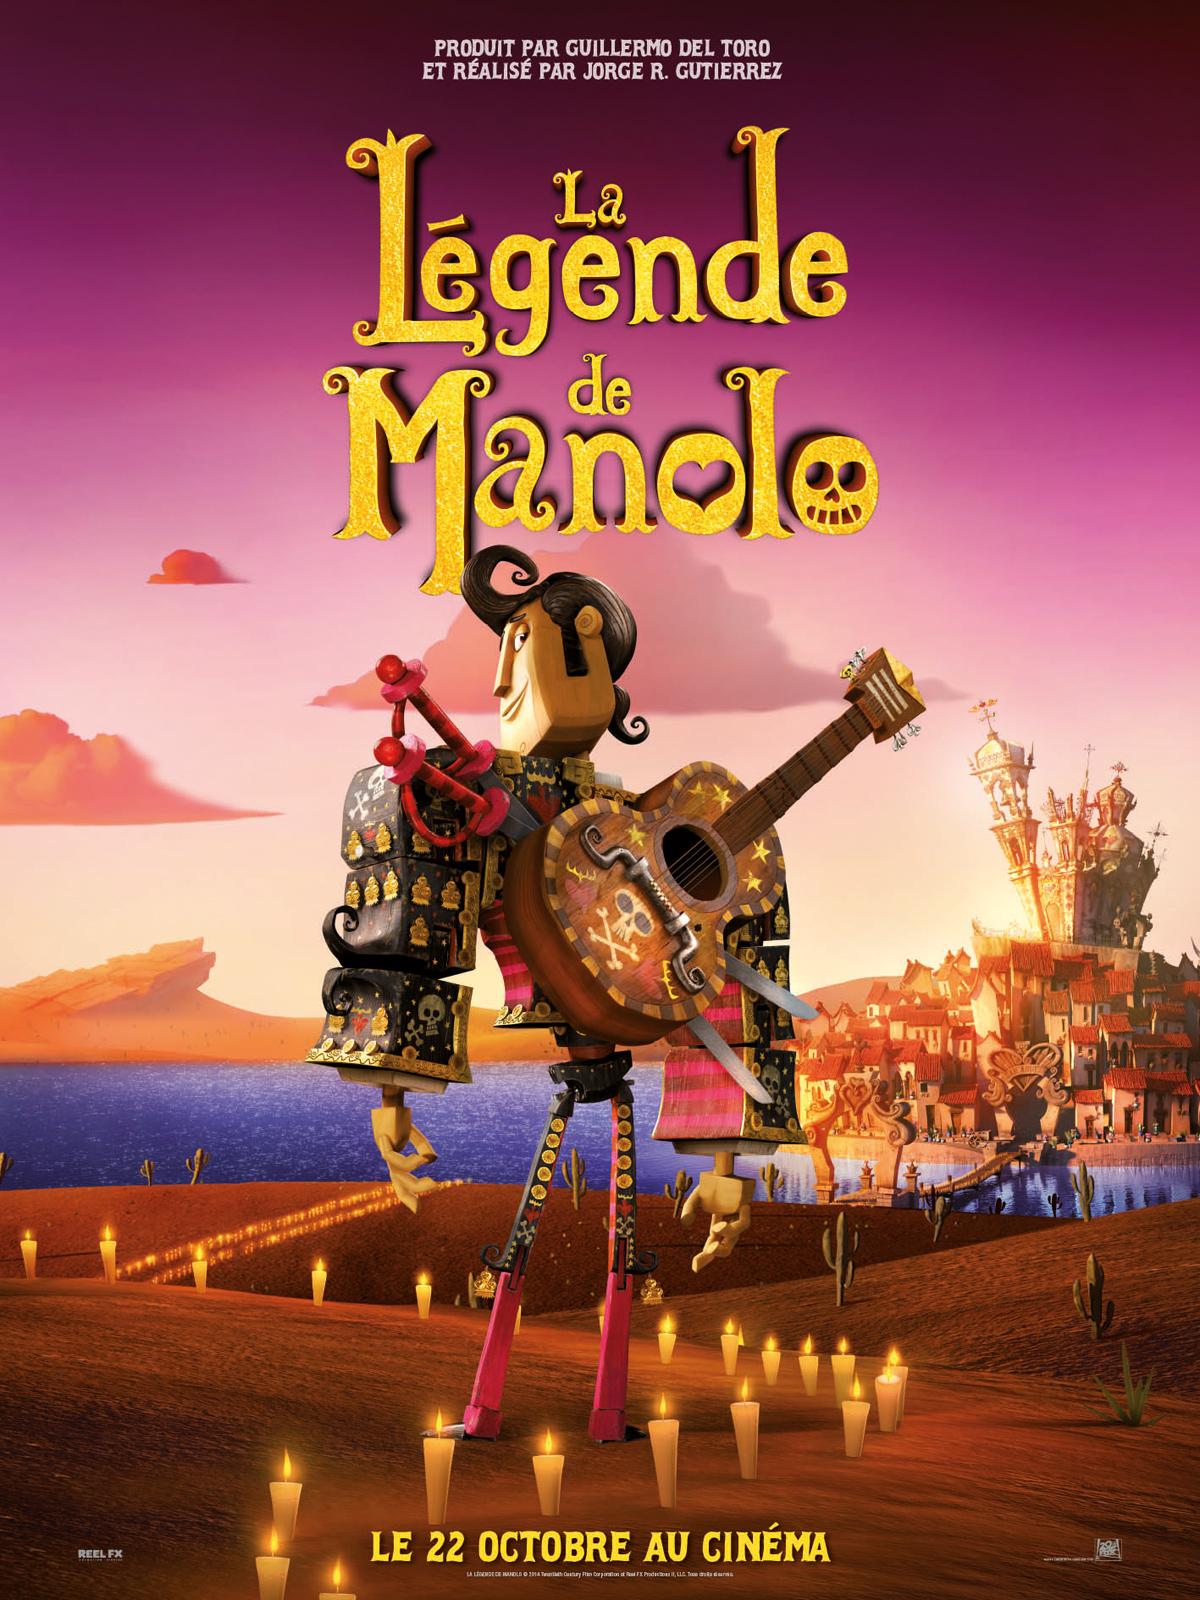 [Critique] La Légende de Manolo – Jorge R. Gutierrez